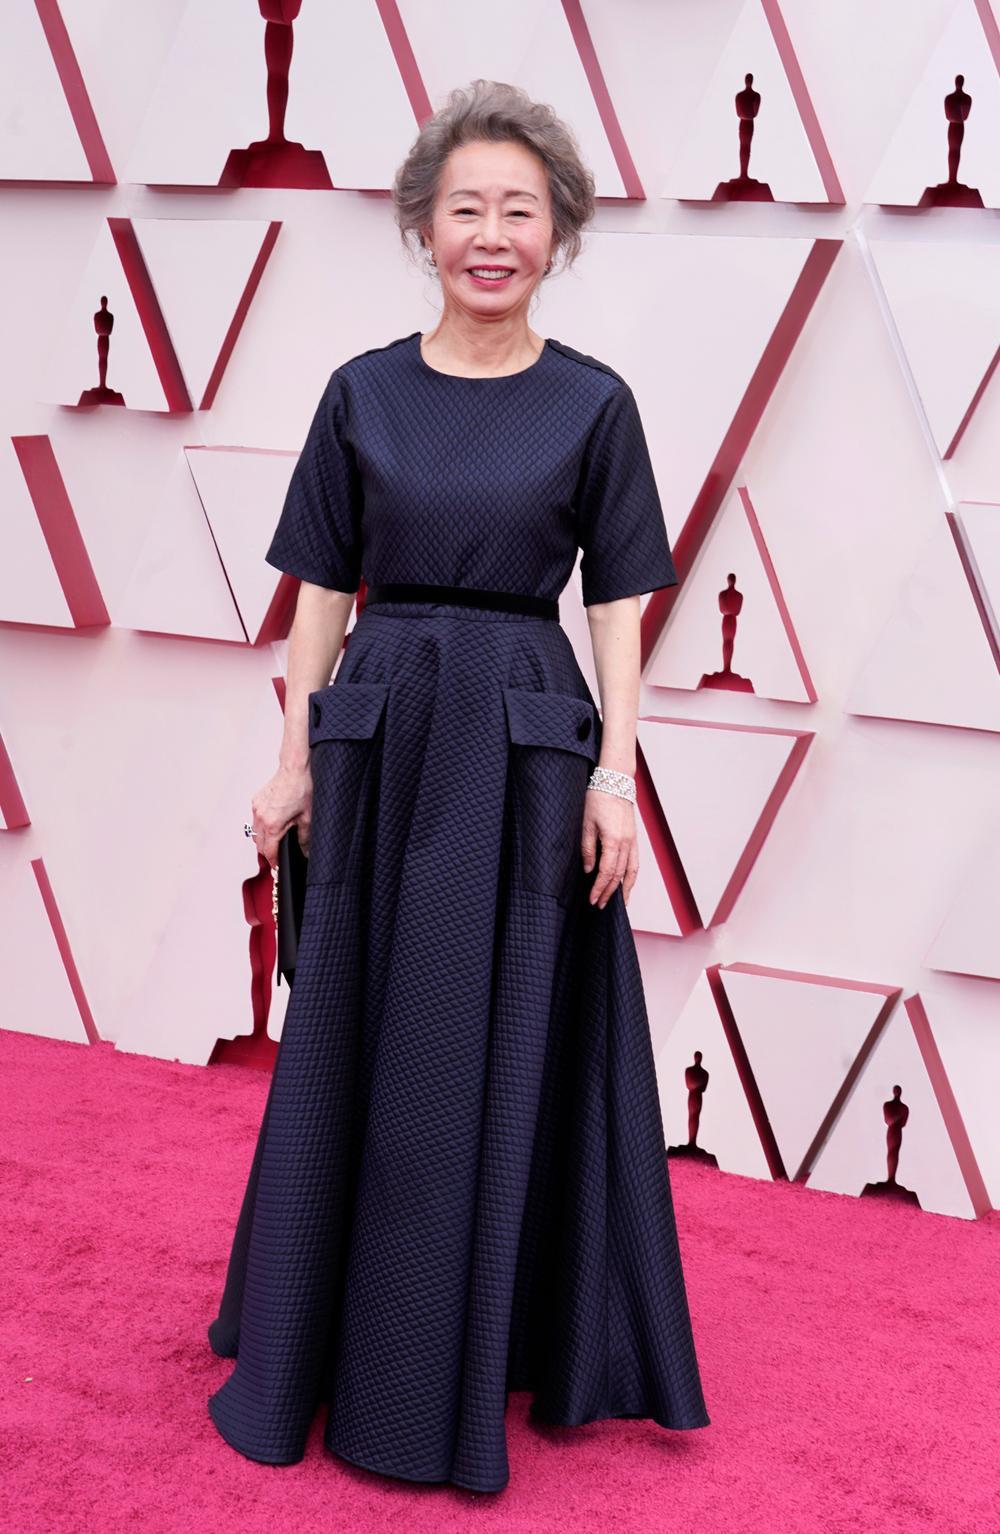 Thảm đỏ Oscar 2021: Lóa mắt với những bộ đầm lộng lẫy của dàn sao Hollywood đình đám Ảnh 2